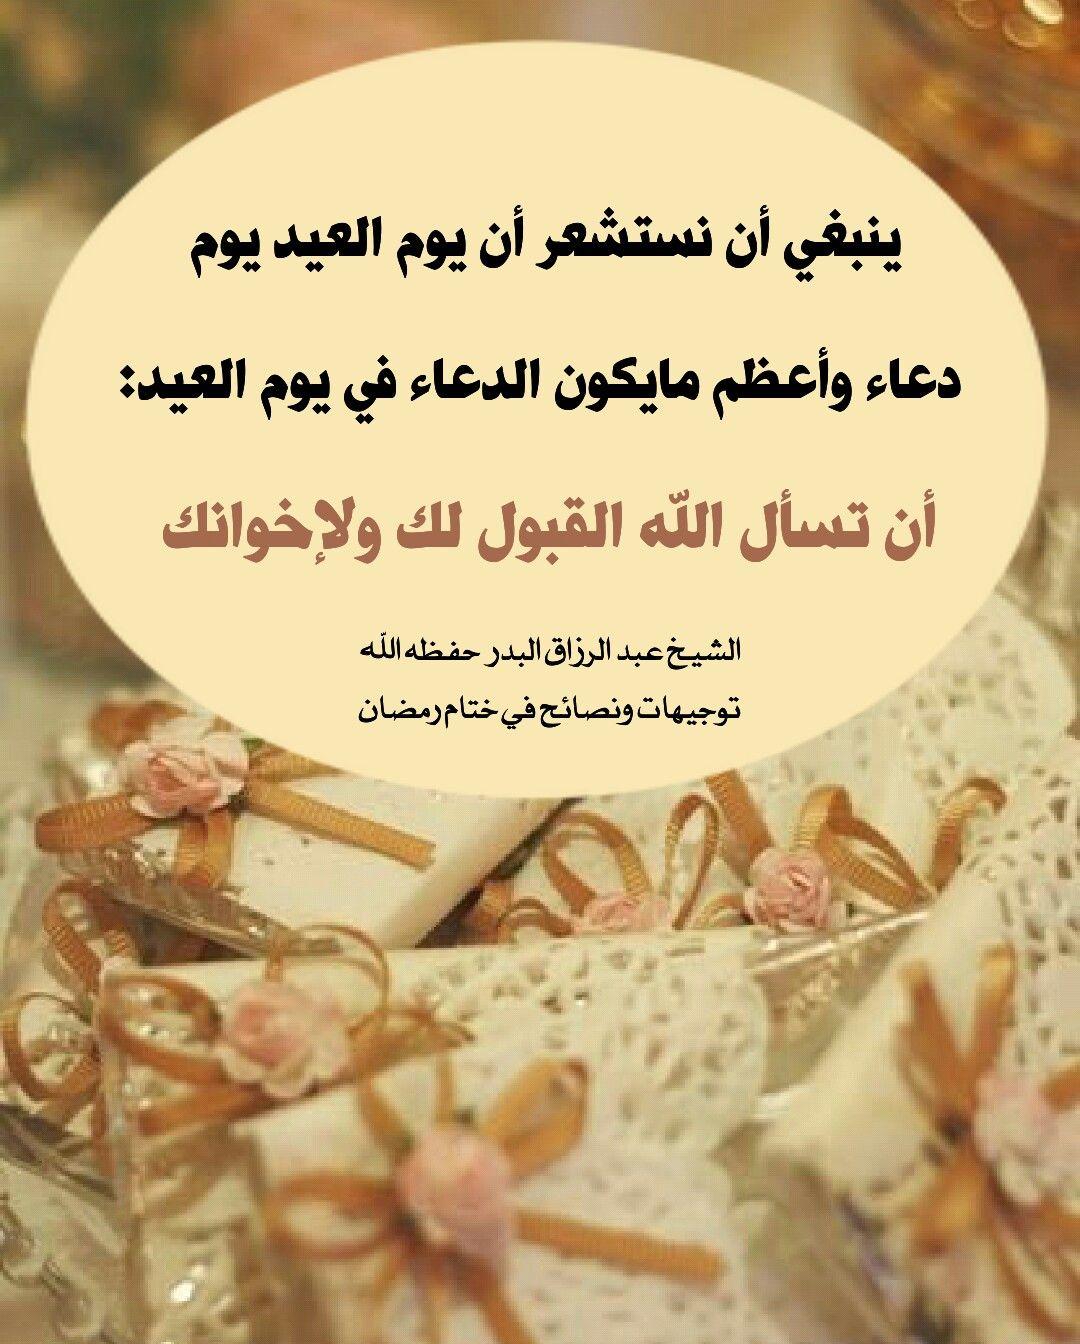 عبد الرزاق البدر العيد عيد الفطر